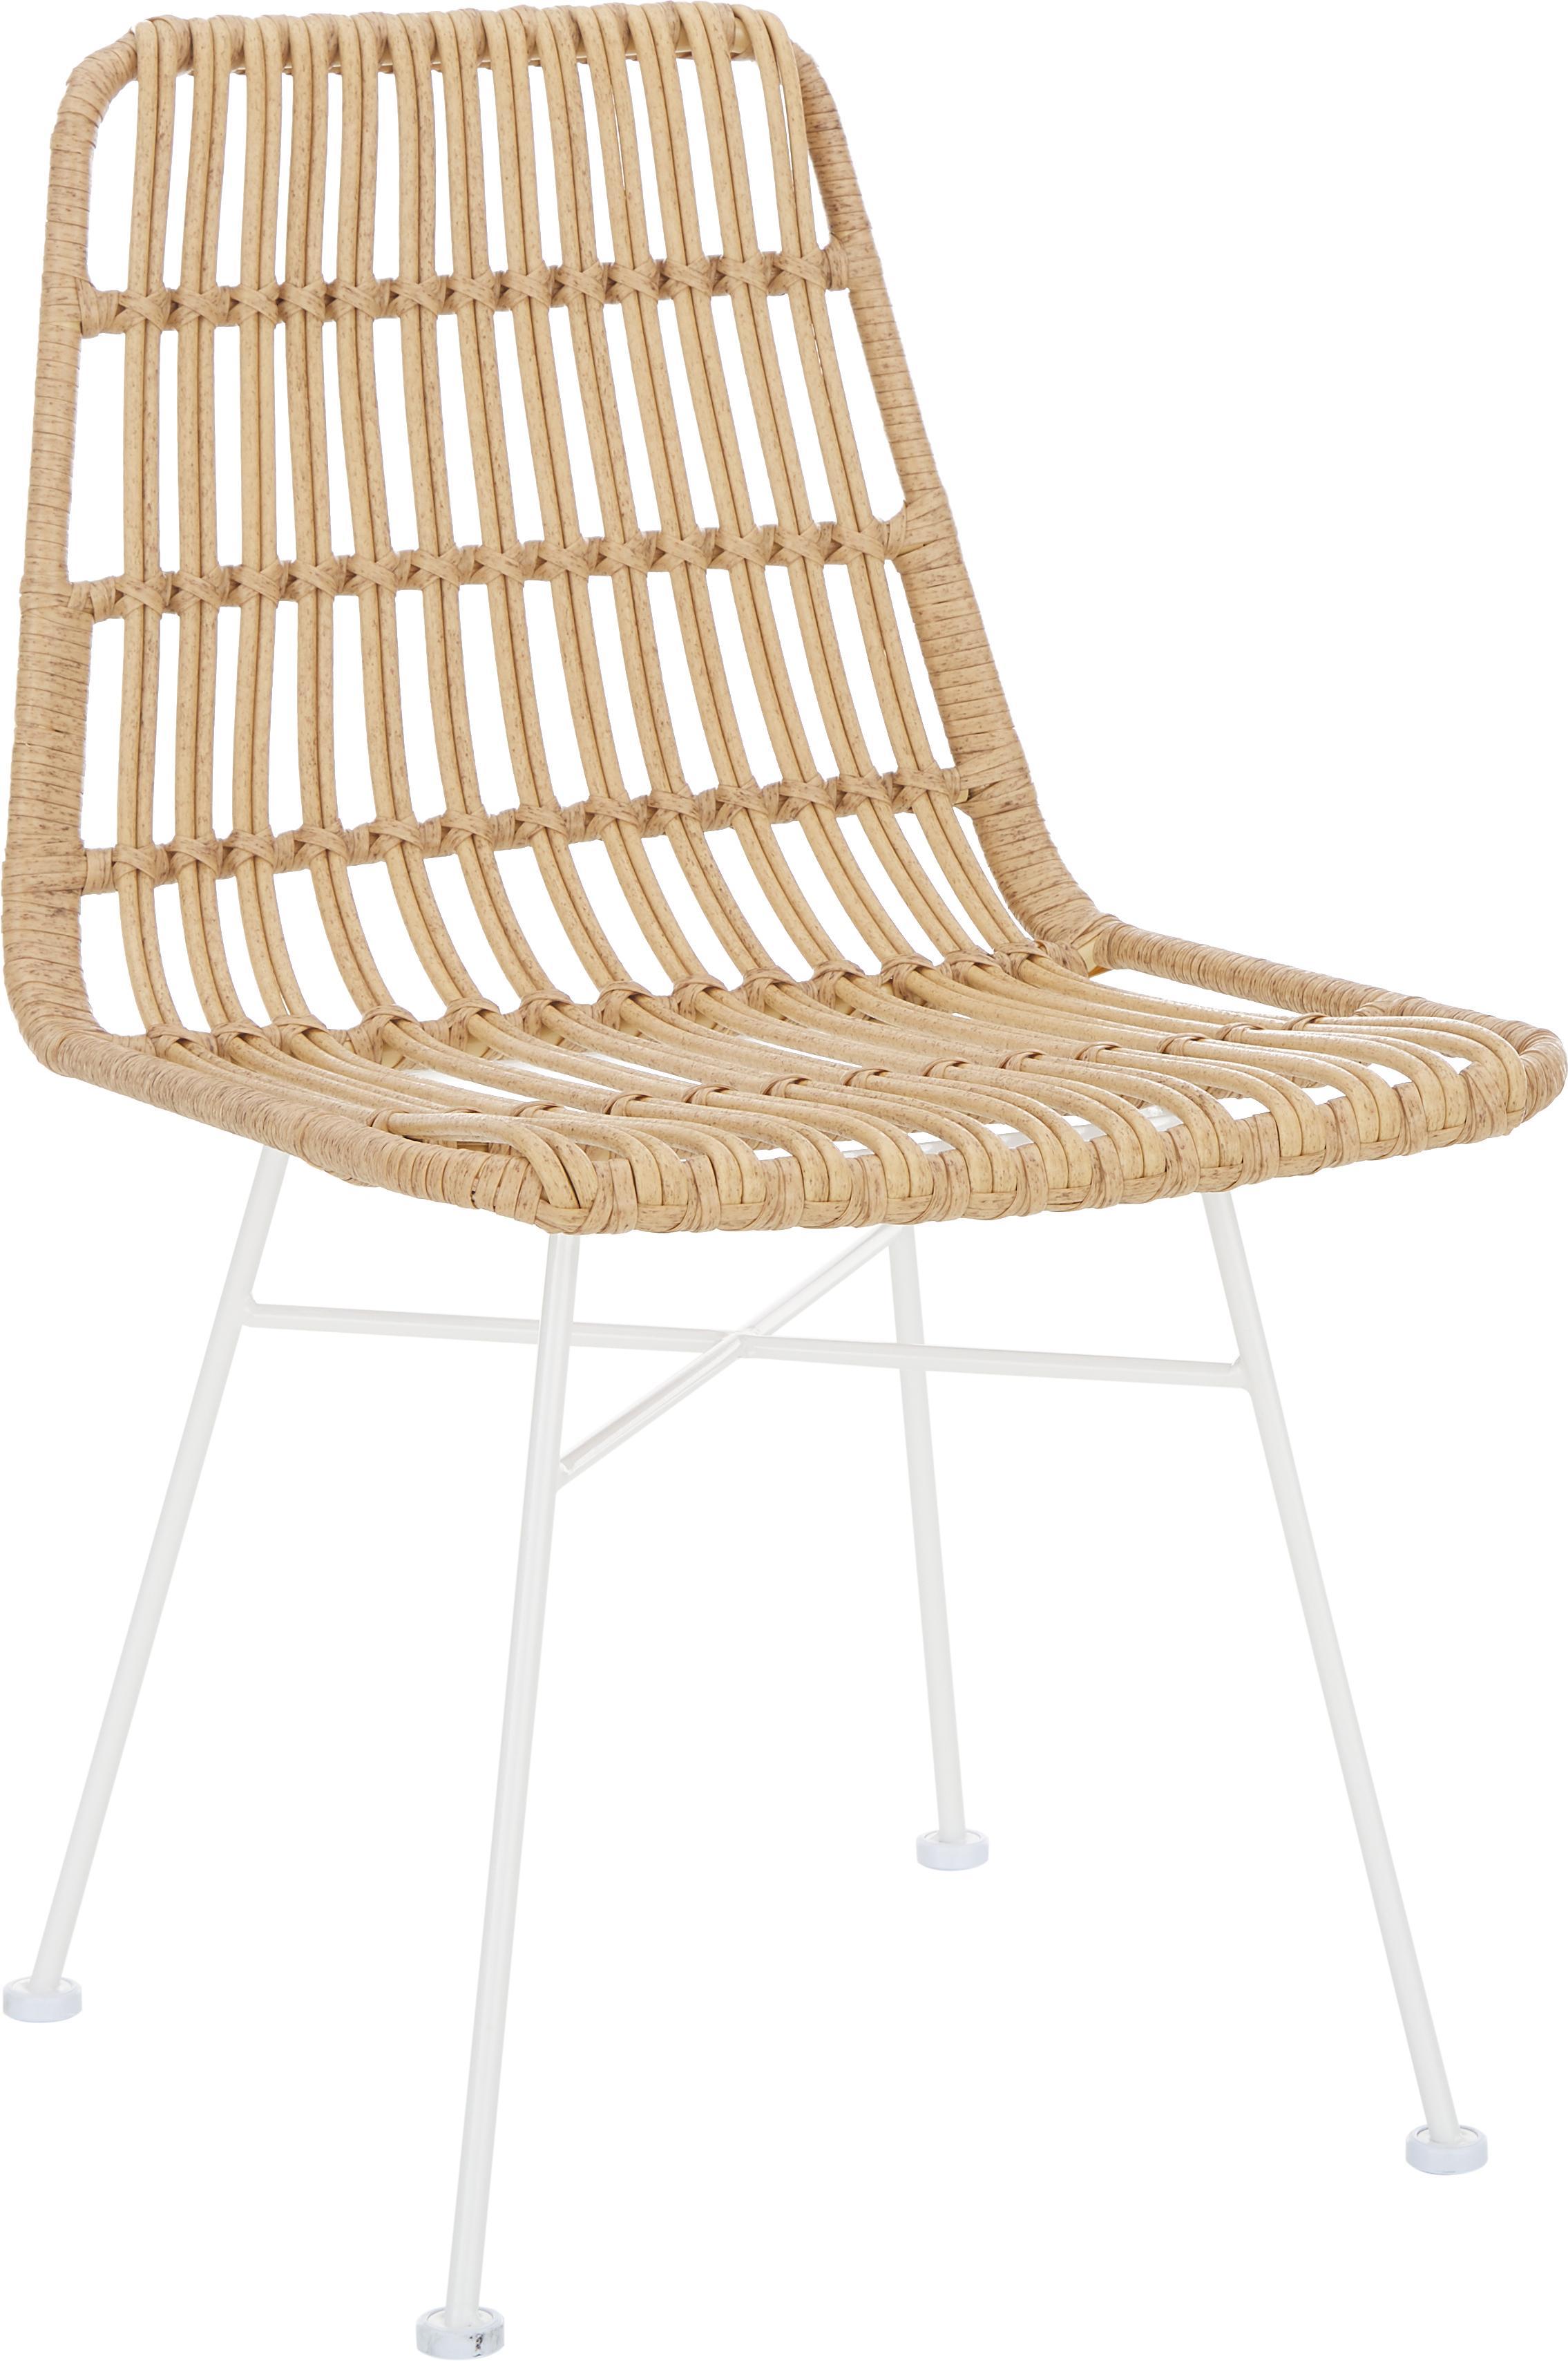 Sillas de poliratán Tulum, 2uds., Asiento: polietileno, Estructura: metal con pintura en polv, Beige, patas blanco, An 47 x F 61 cm